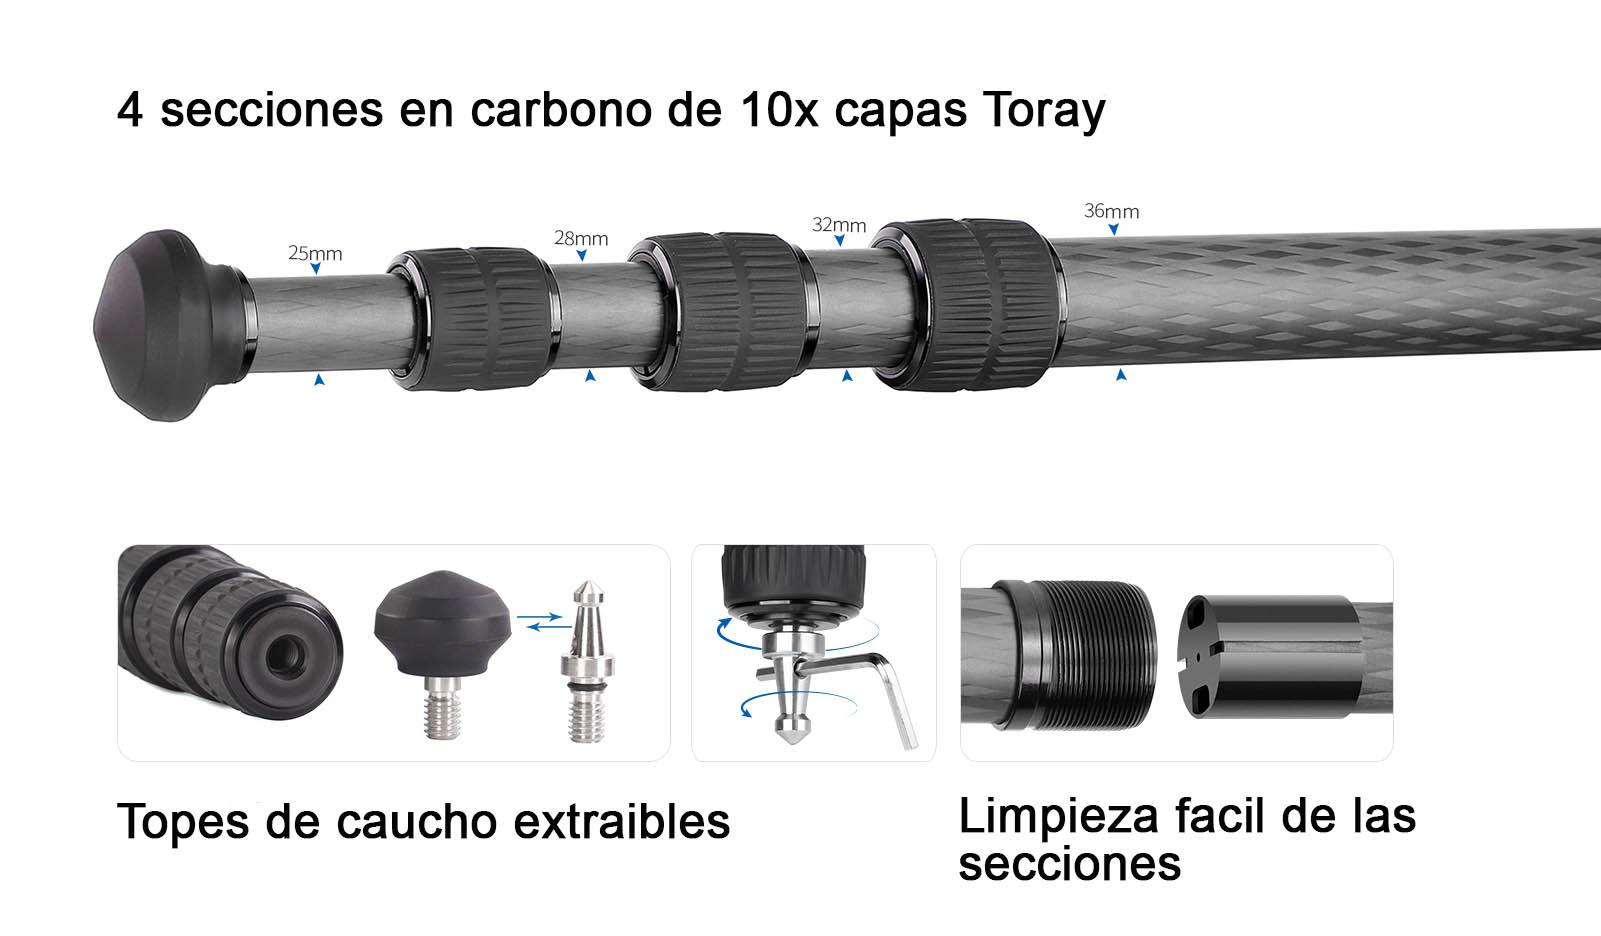 LM-364C Summit trípode ne carbono de Leofoto de 4 secciones sin columna central